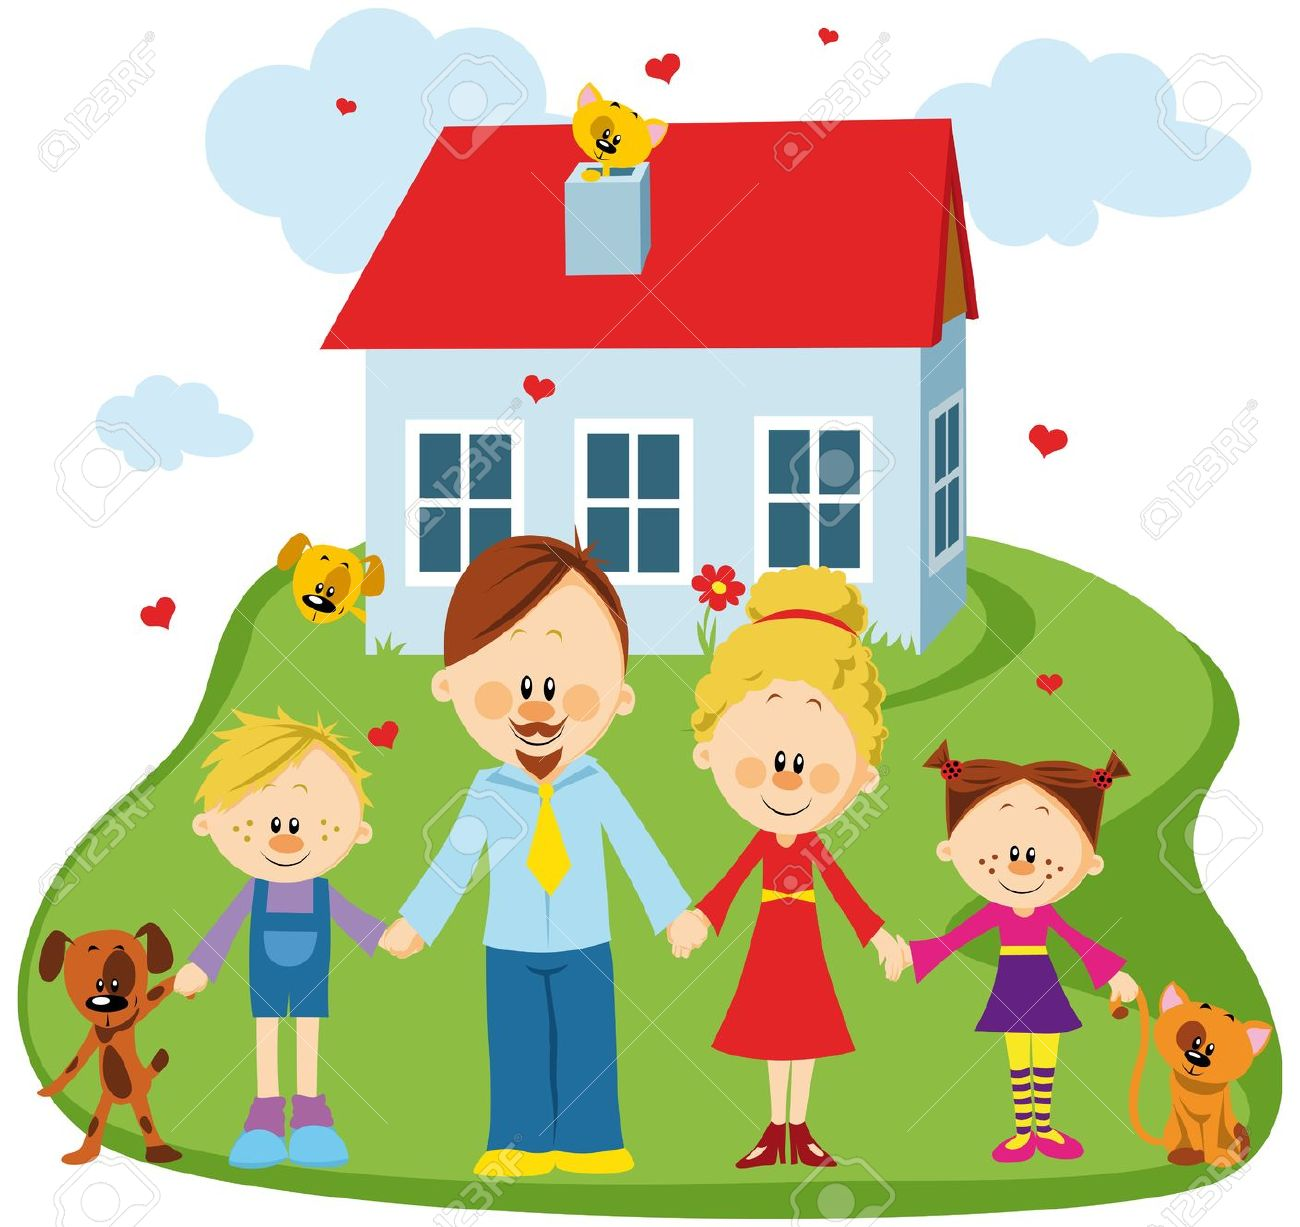 Familie haus clipart download Glückliche Familie Haus Lizenzfreie Vektorgrafiken Kaufen: 123RF download